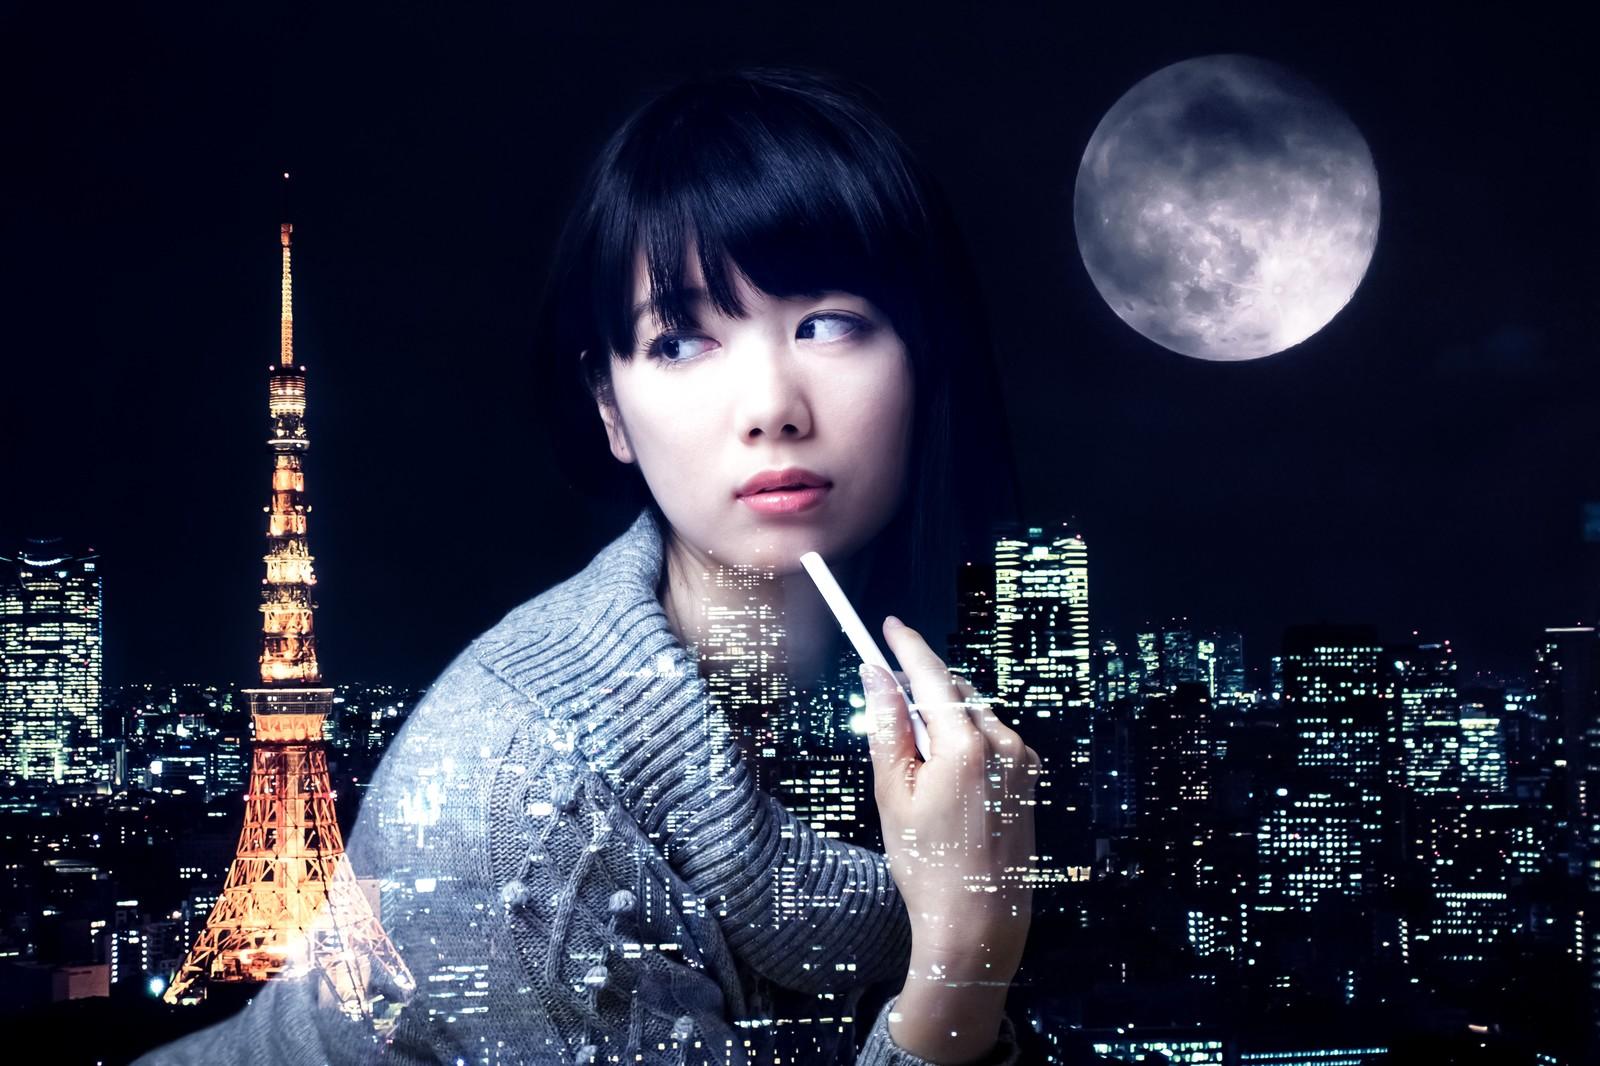 美容・恋愛の総合動画サイト